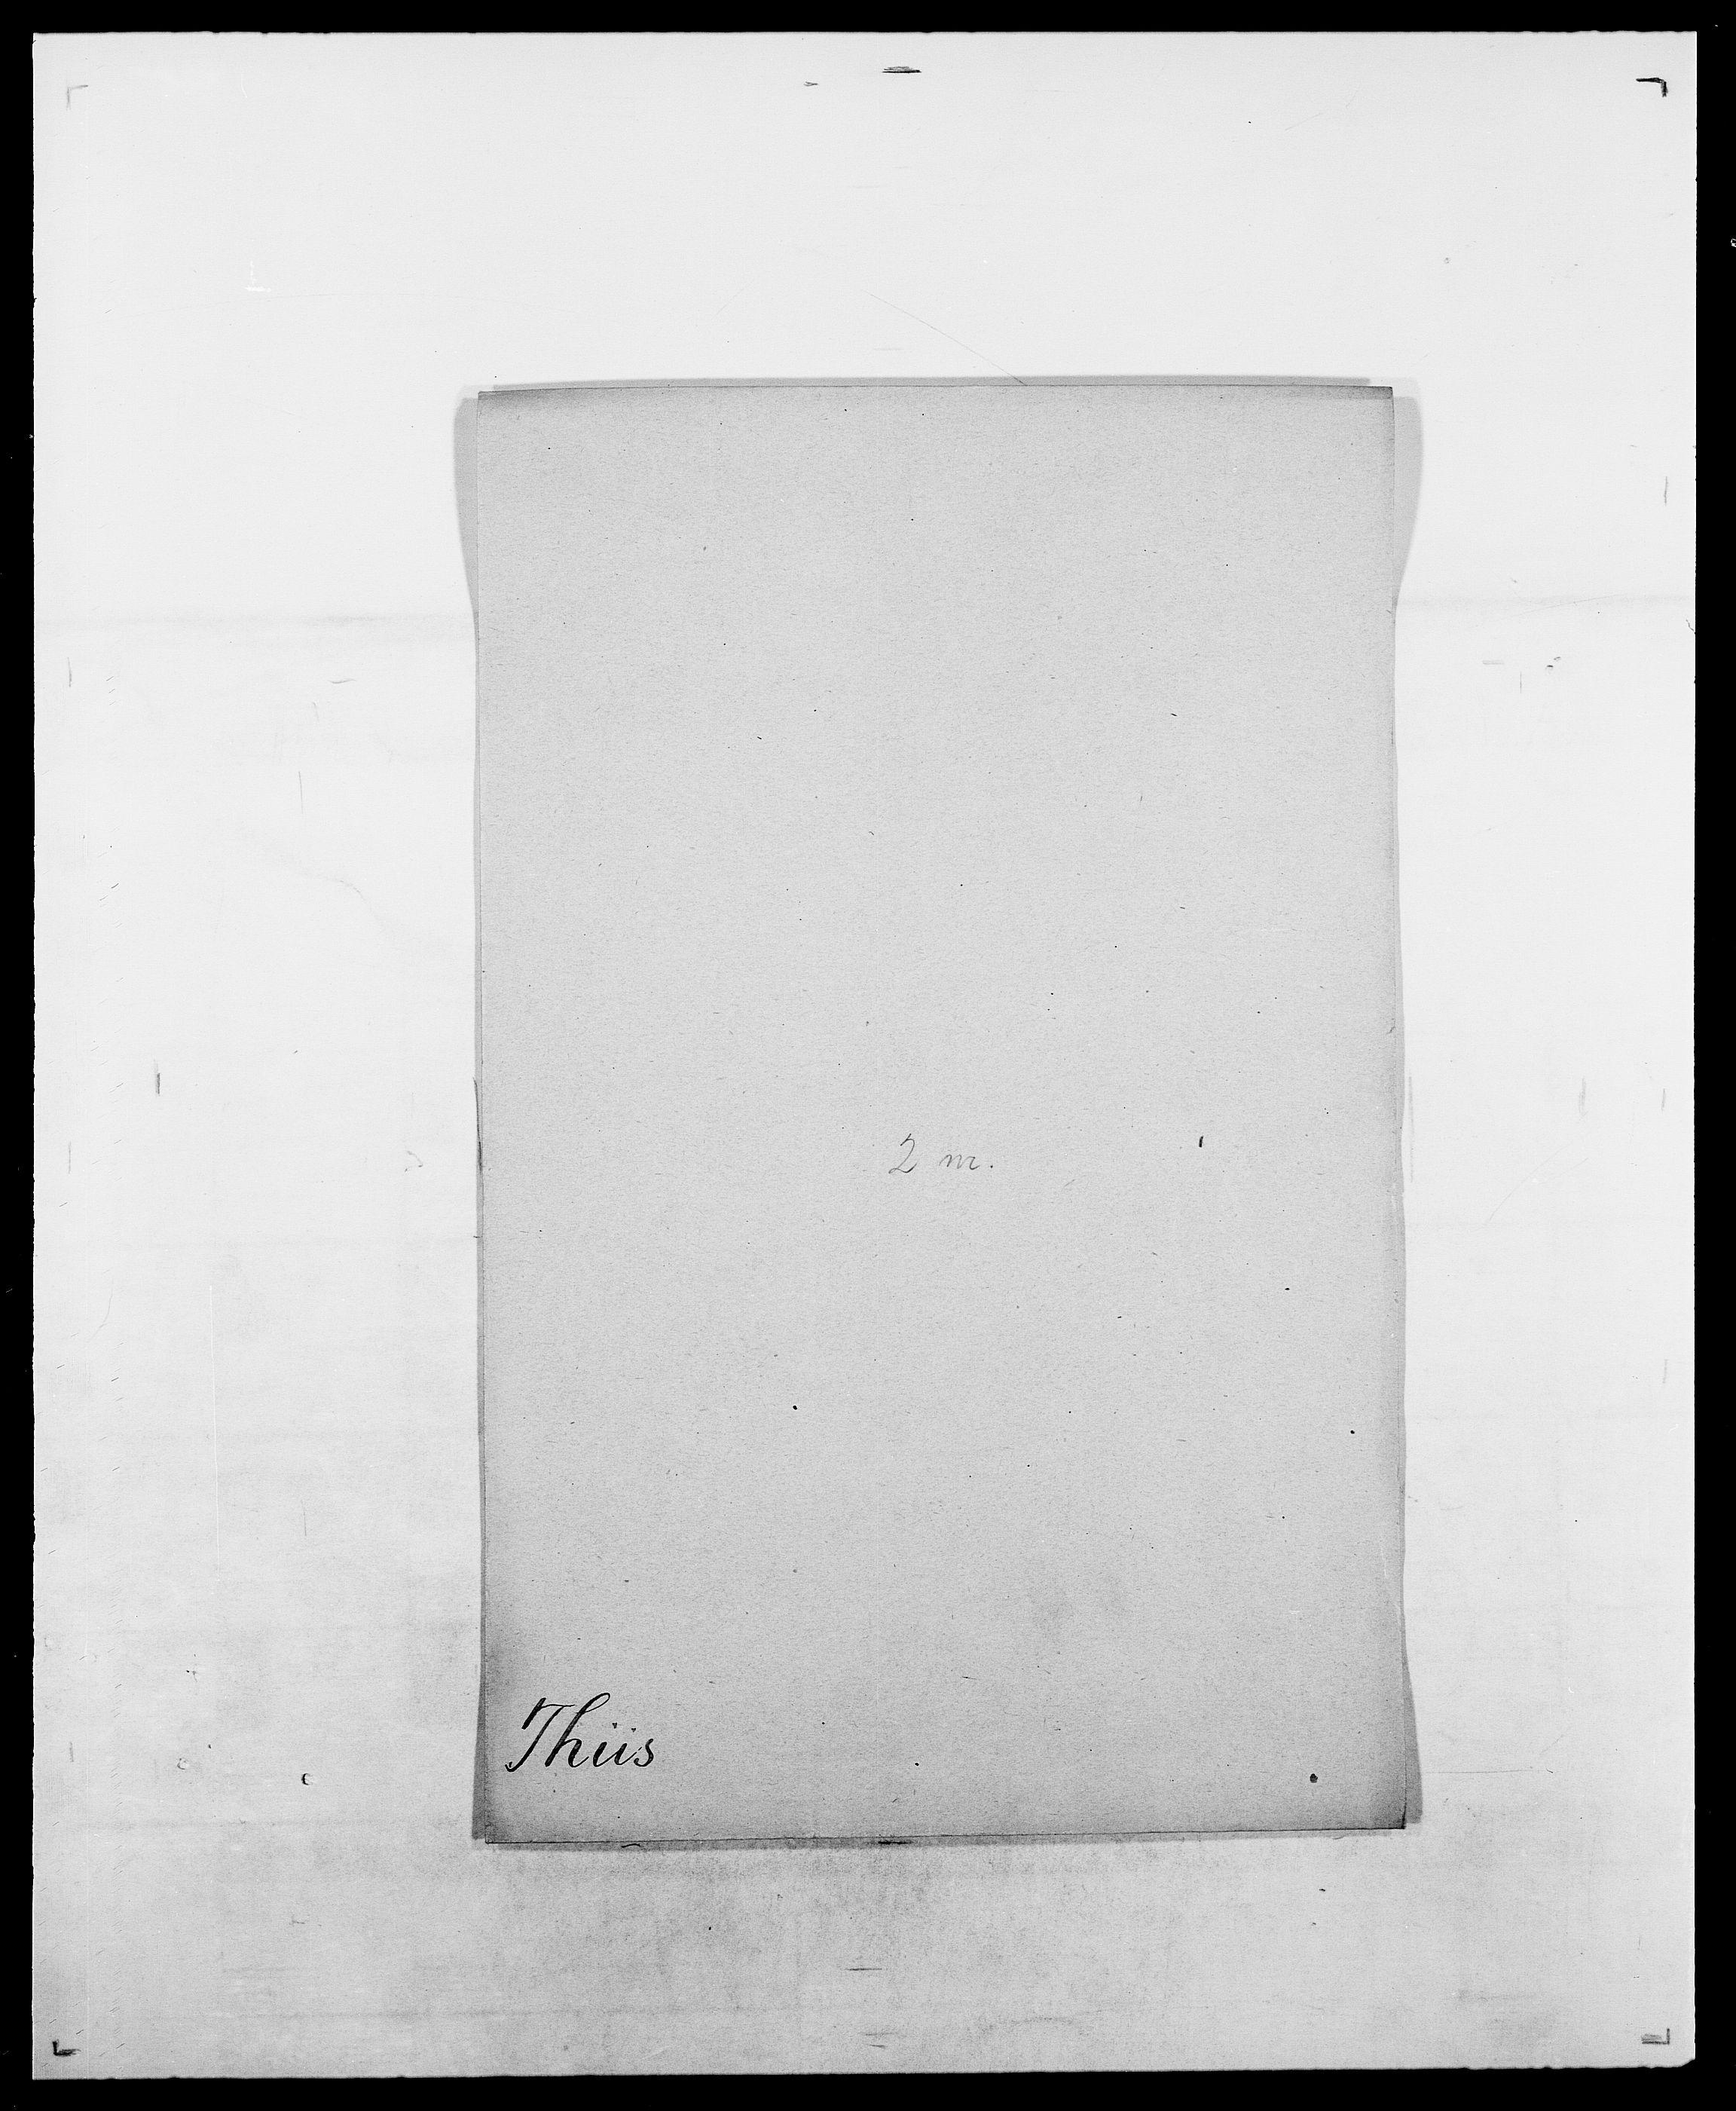 SAO, Delgobe, Charles Antoine - samling, D/Da/L0038: Svanenskjold - Thornsohn, s. 716